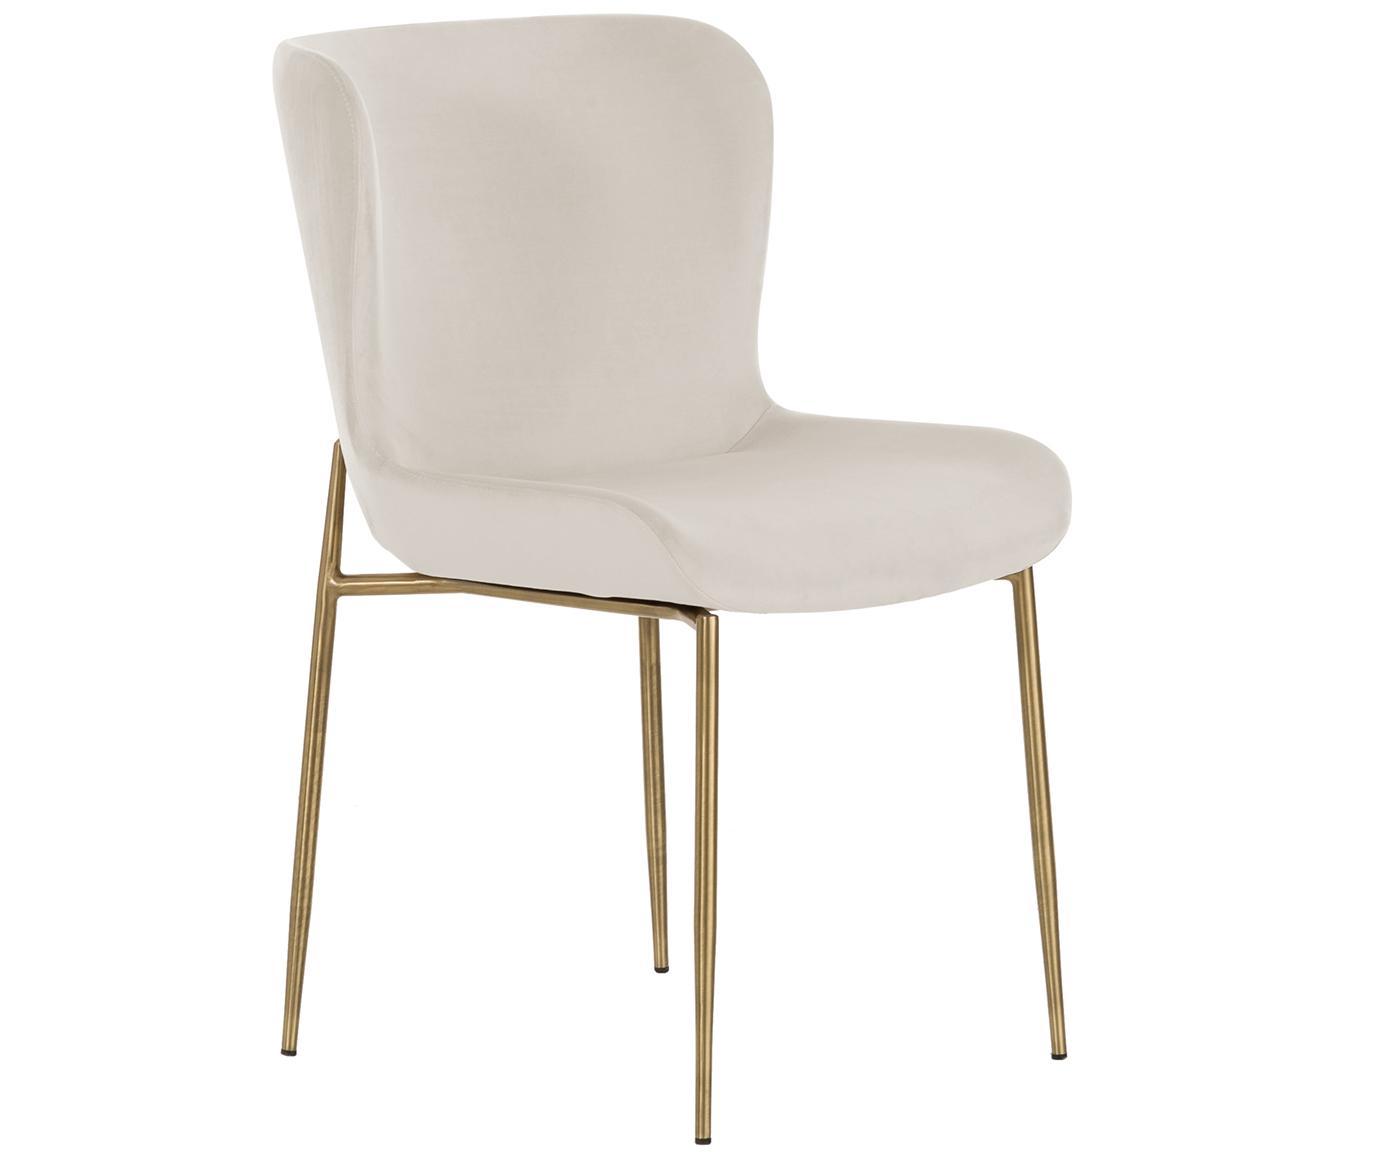 Krzesło tapicerowane z aksamitu Tess, Tapicerka: aksamit (poliester) 3000, Nogi: metal powlekany, Aksamitny beżowy, Nogi: złoty, S 48 x G 64 cm